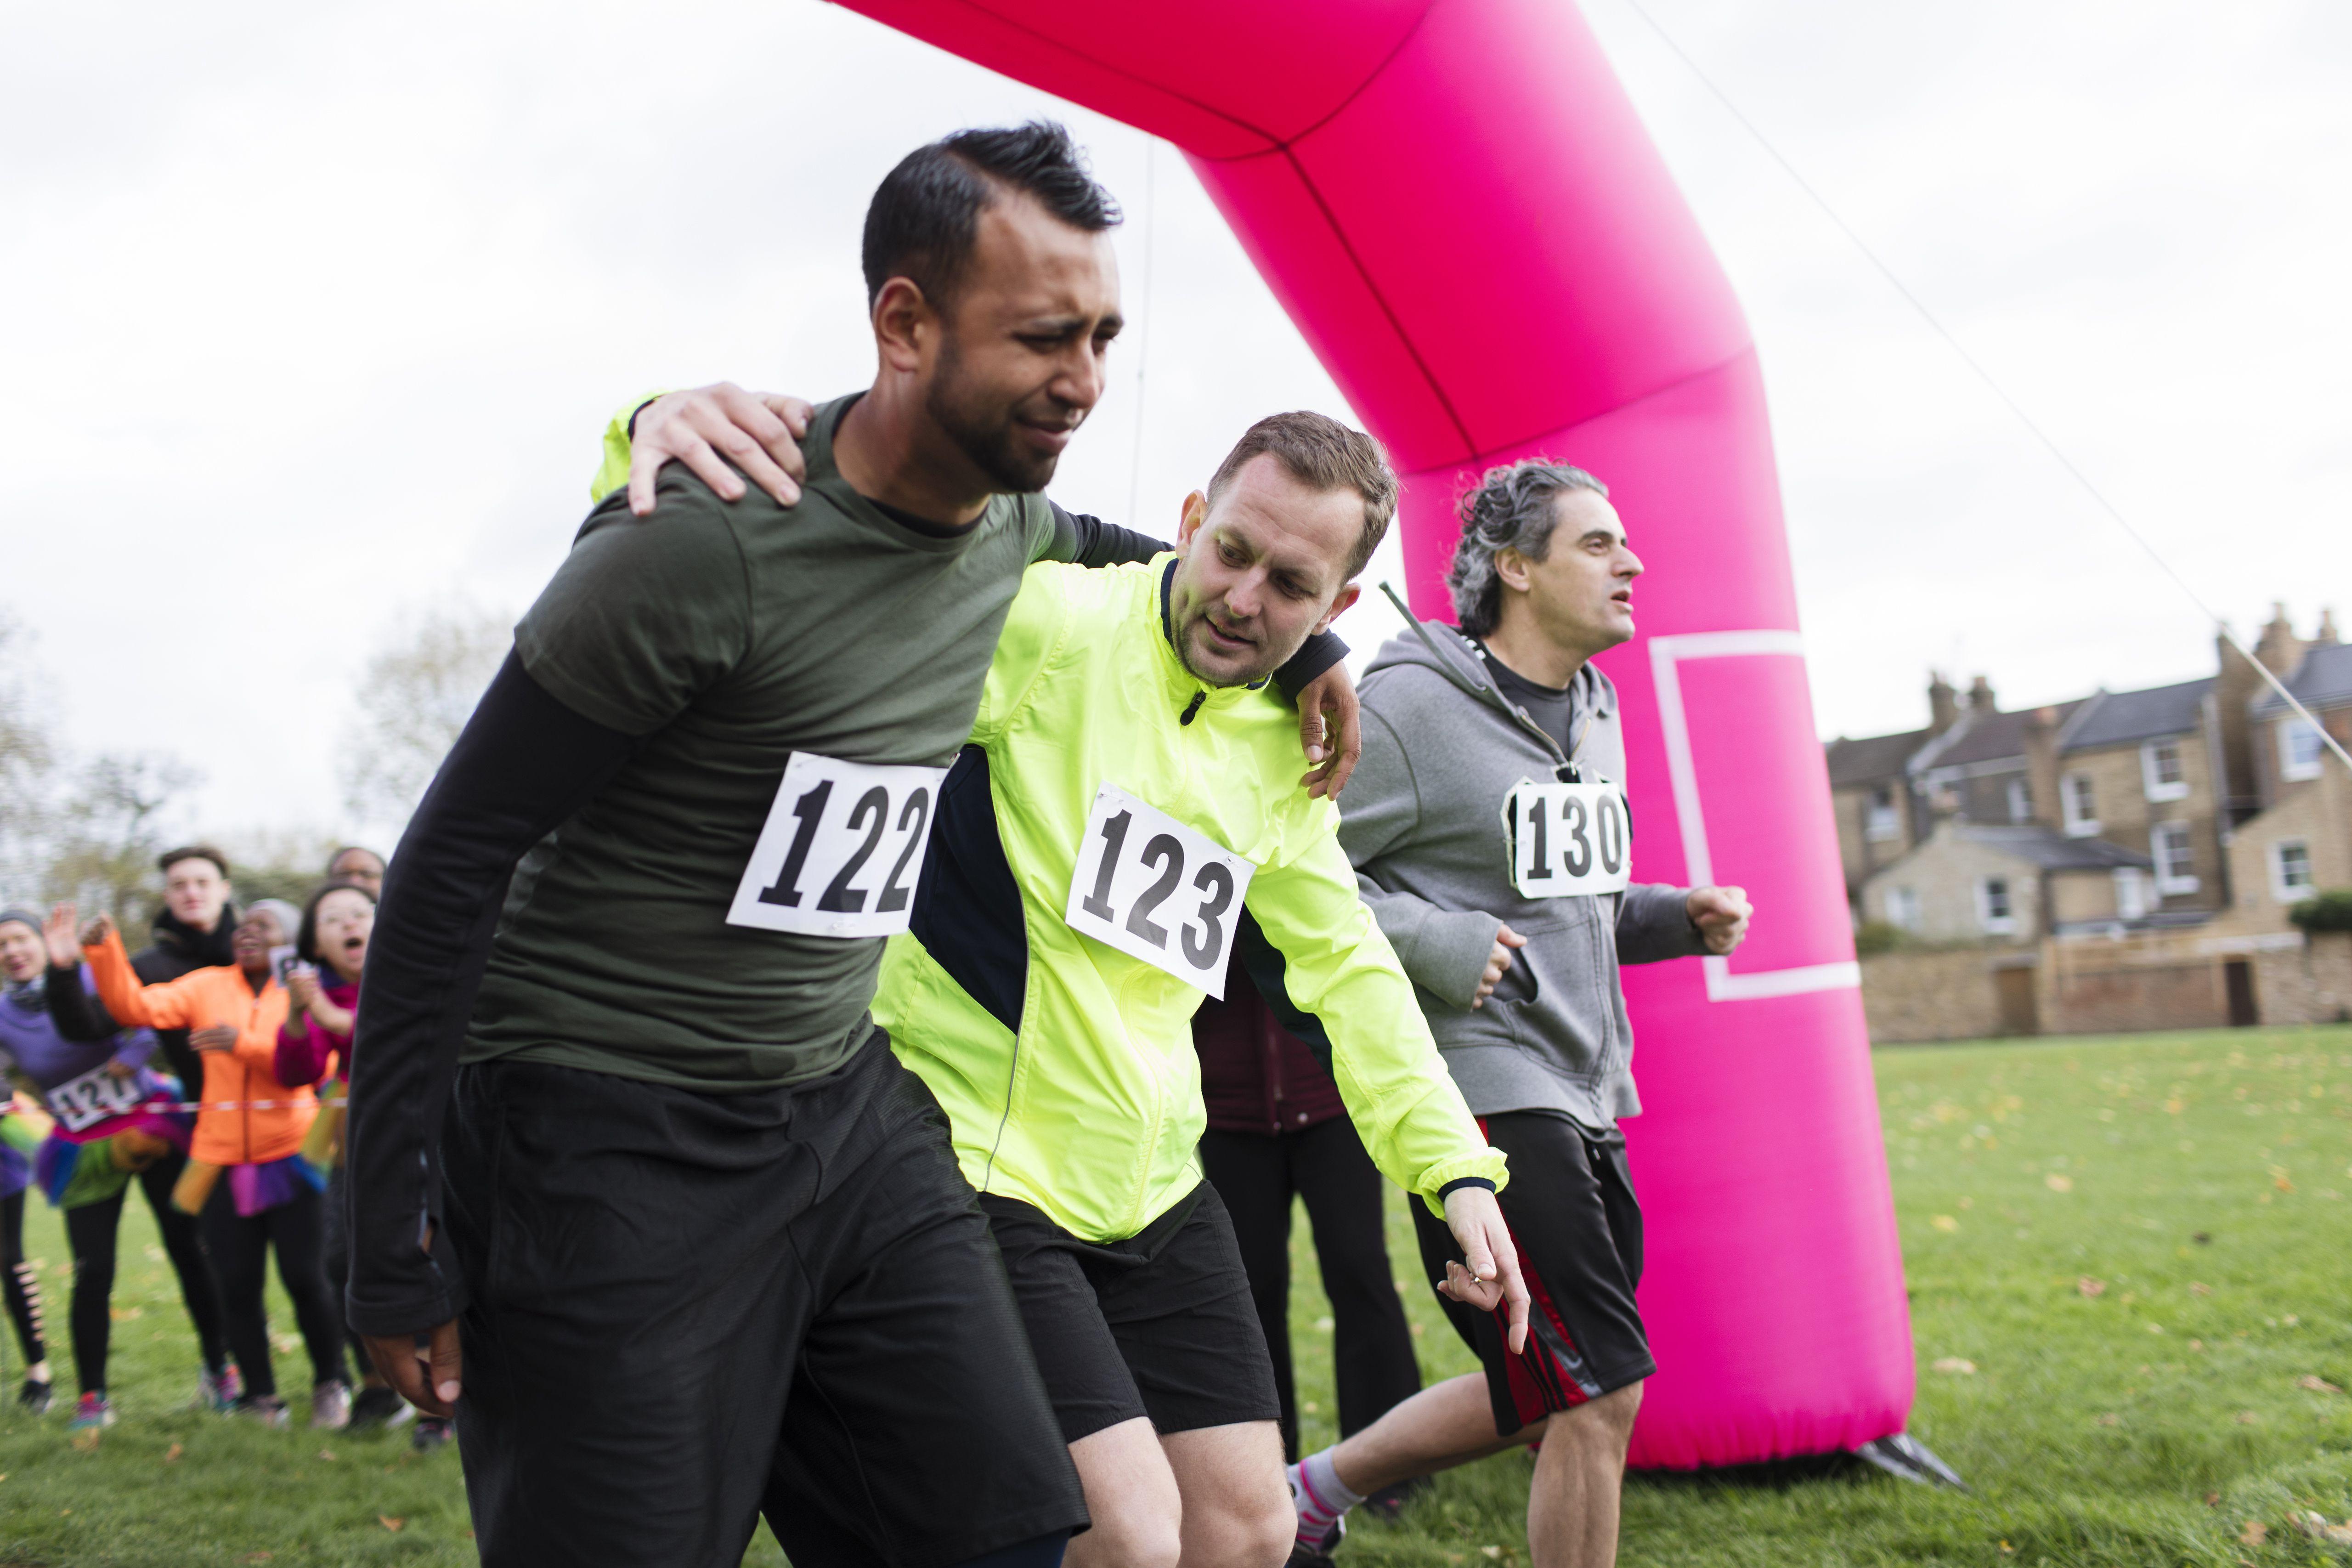 Hombre ayudando al corredor herido cruzando la línea de meta en charity run